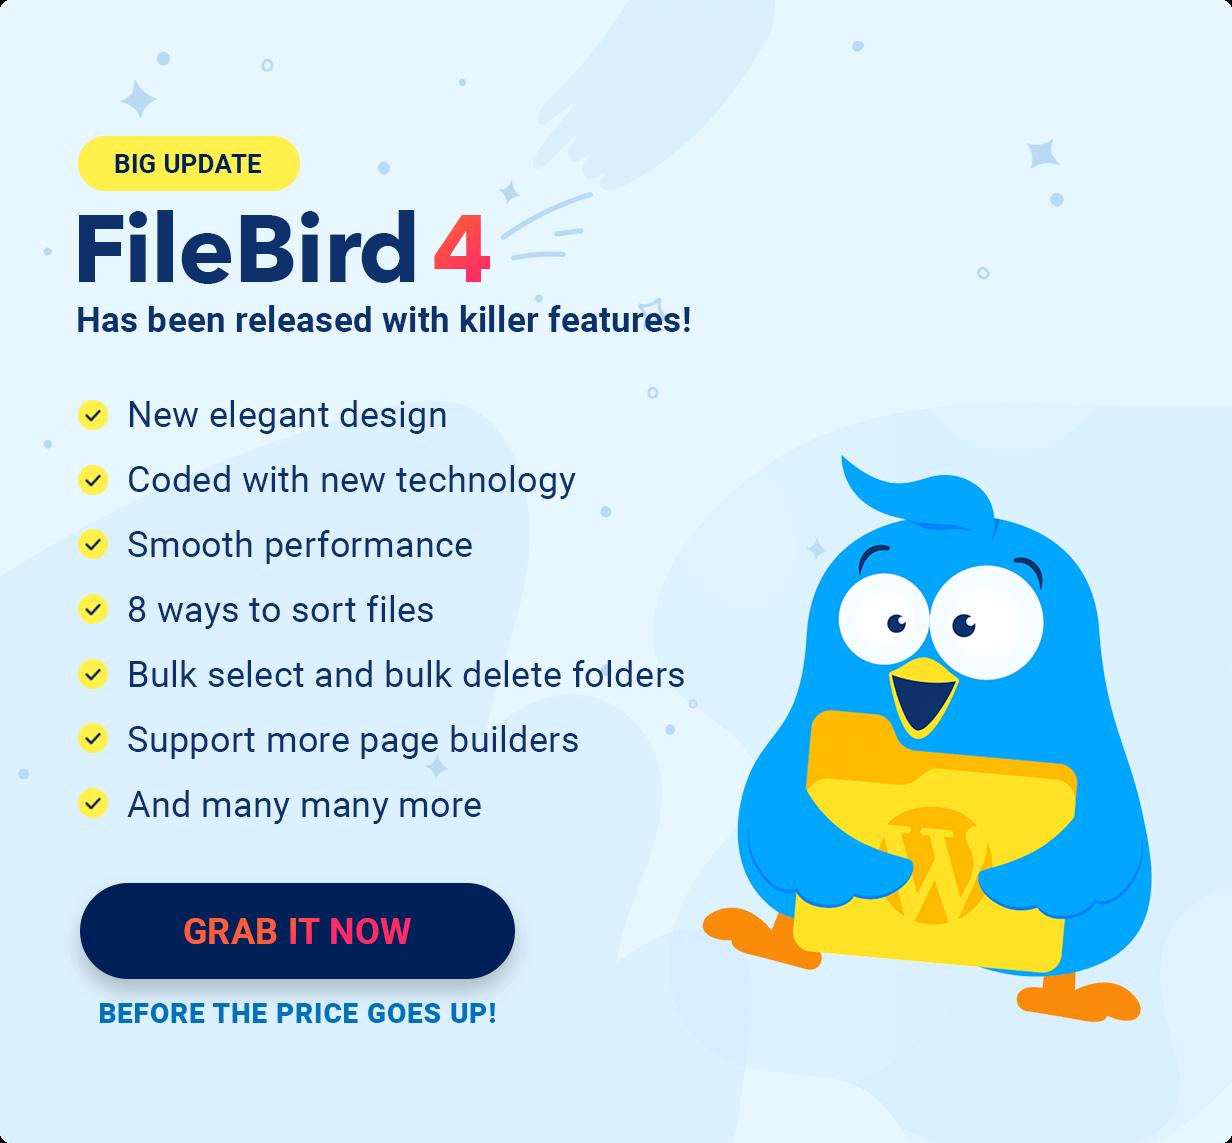 FileBird 4 - Big Update